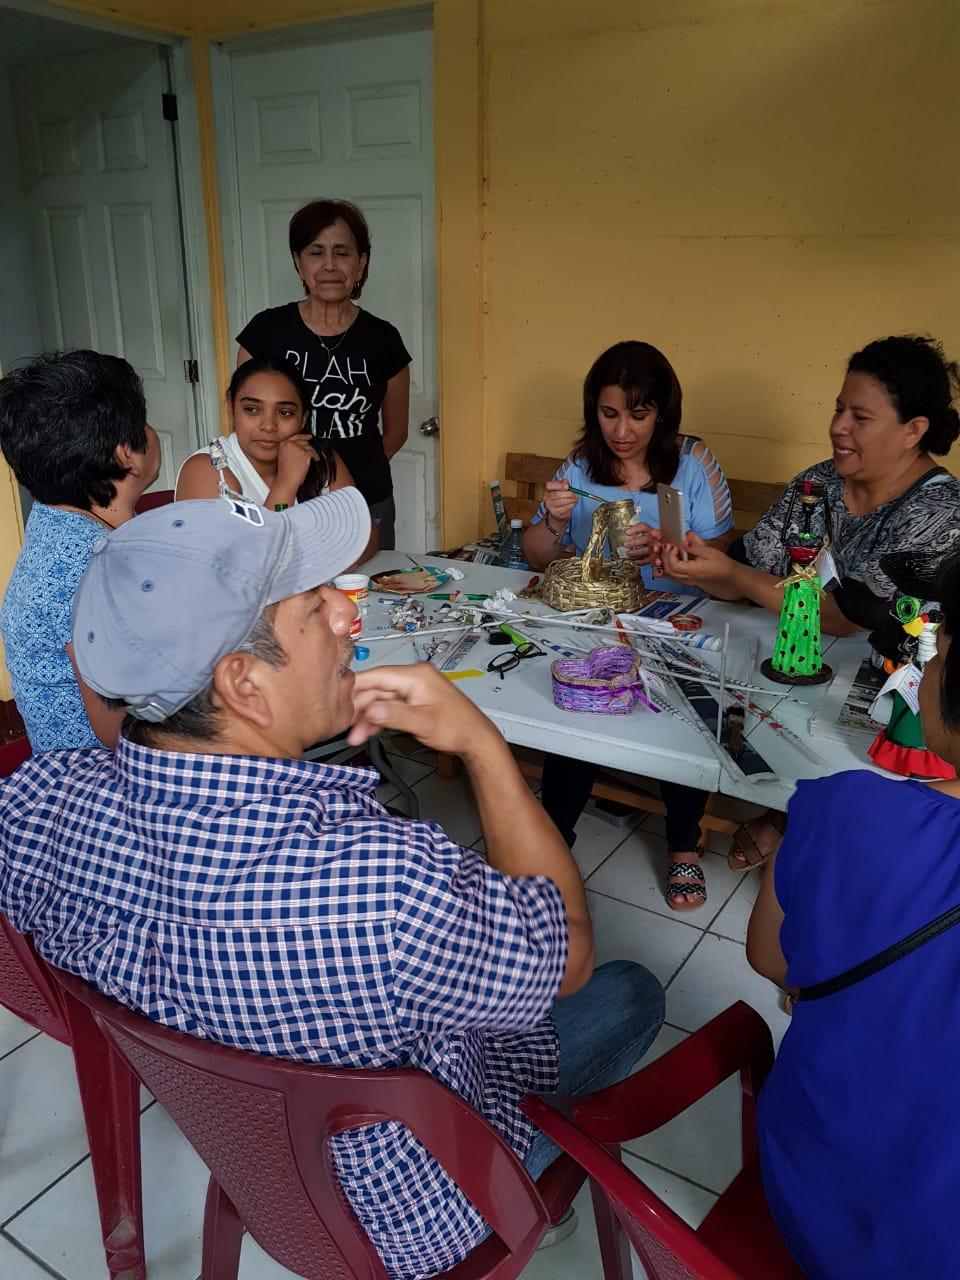 Guatemala: News from El Salvador